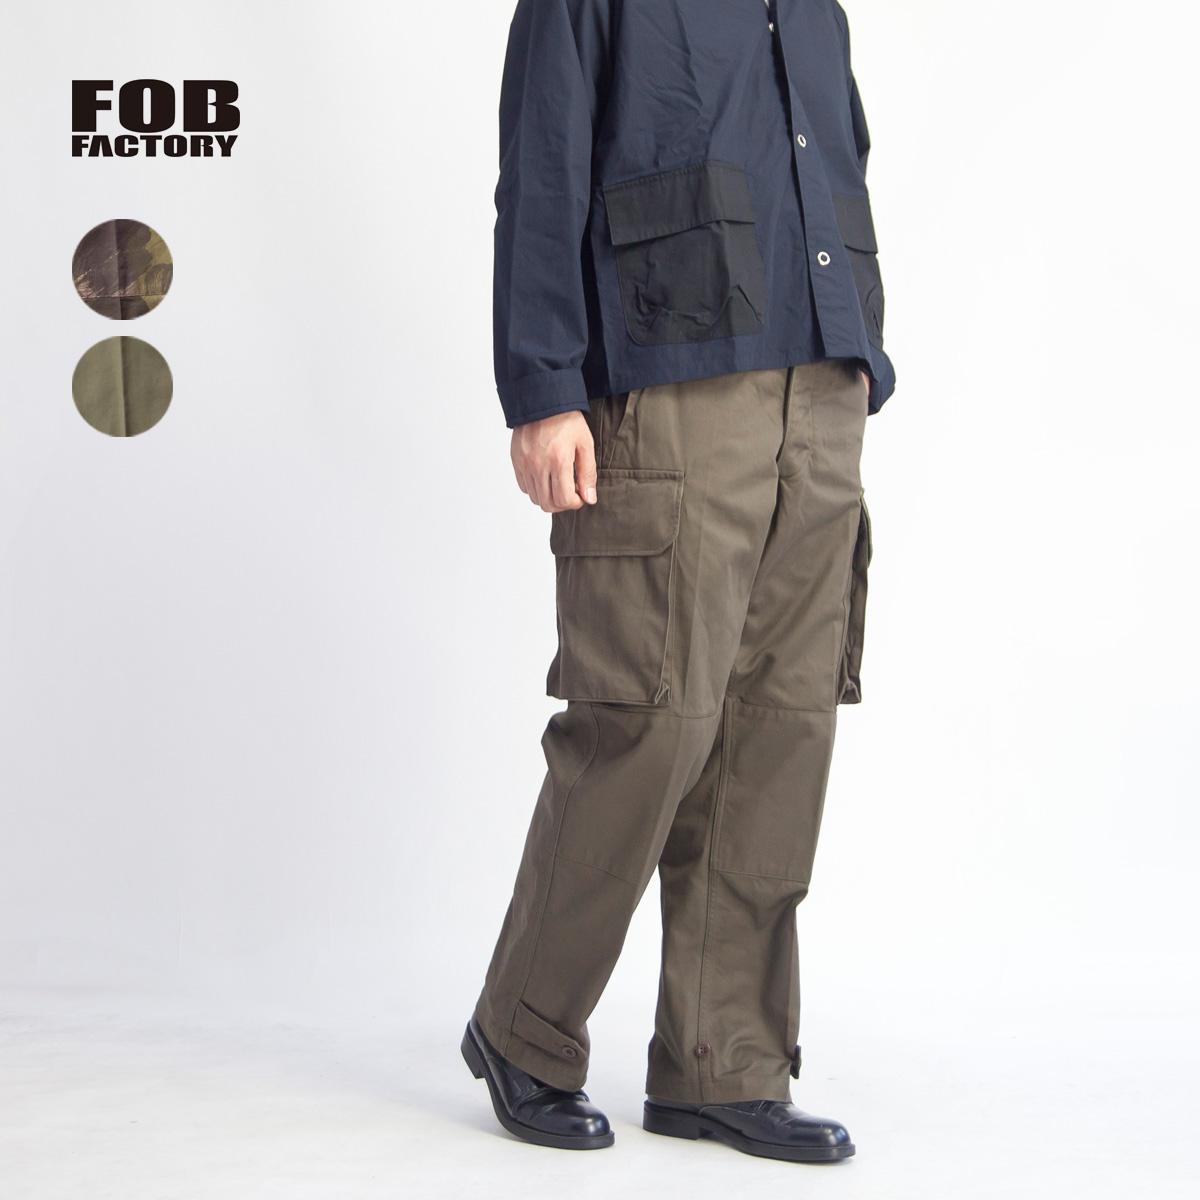 FOB FACTORY FOBファクトリー M-47 フレンチアーミーカーゴパンツ ブラッドケーキ迷彩 日本製 メンズ